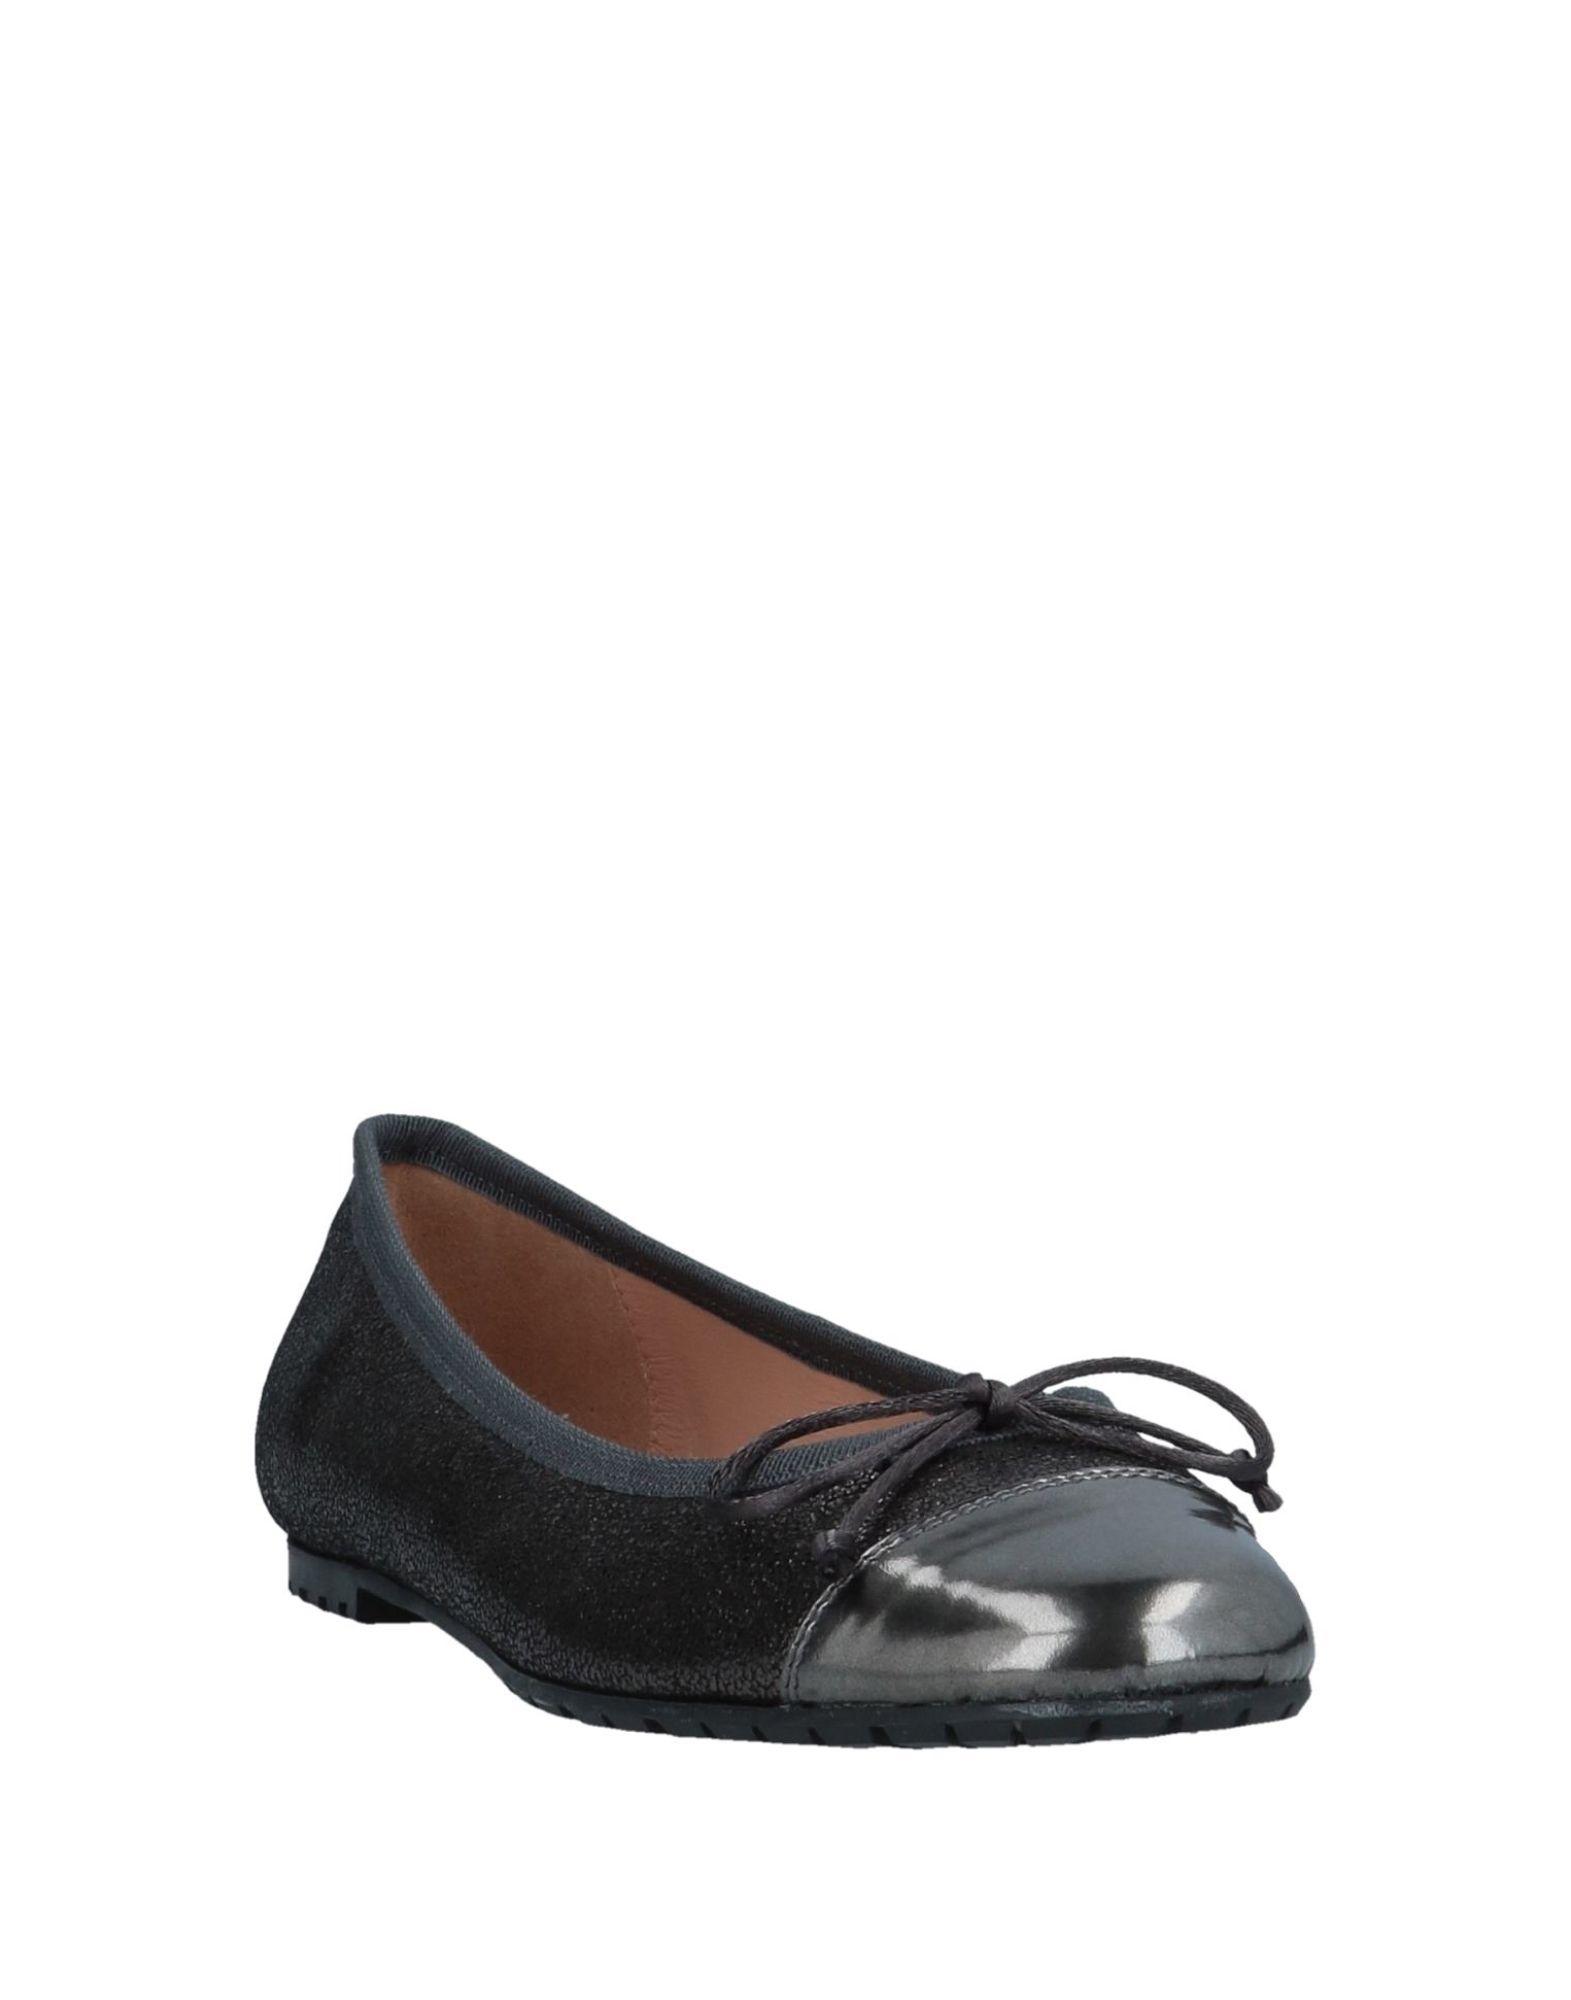 Fleury Ballerinas Damen  11556511UJ Gute Qualität beliebte Schuhe Schuhe Schuhe 433e6f